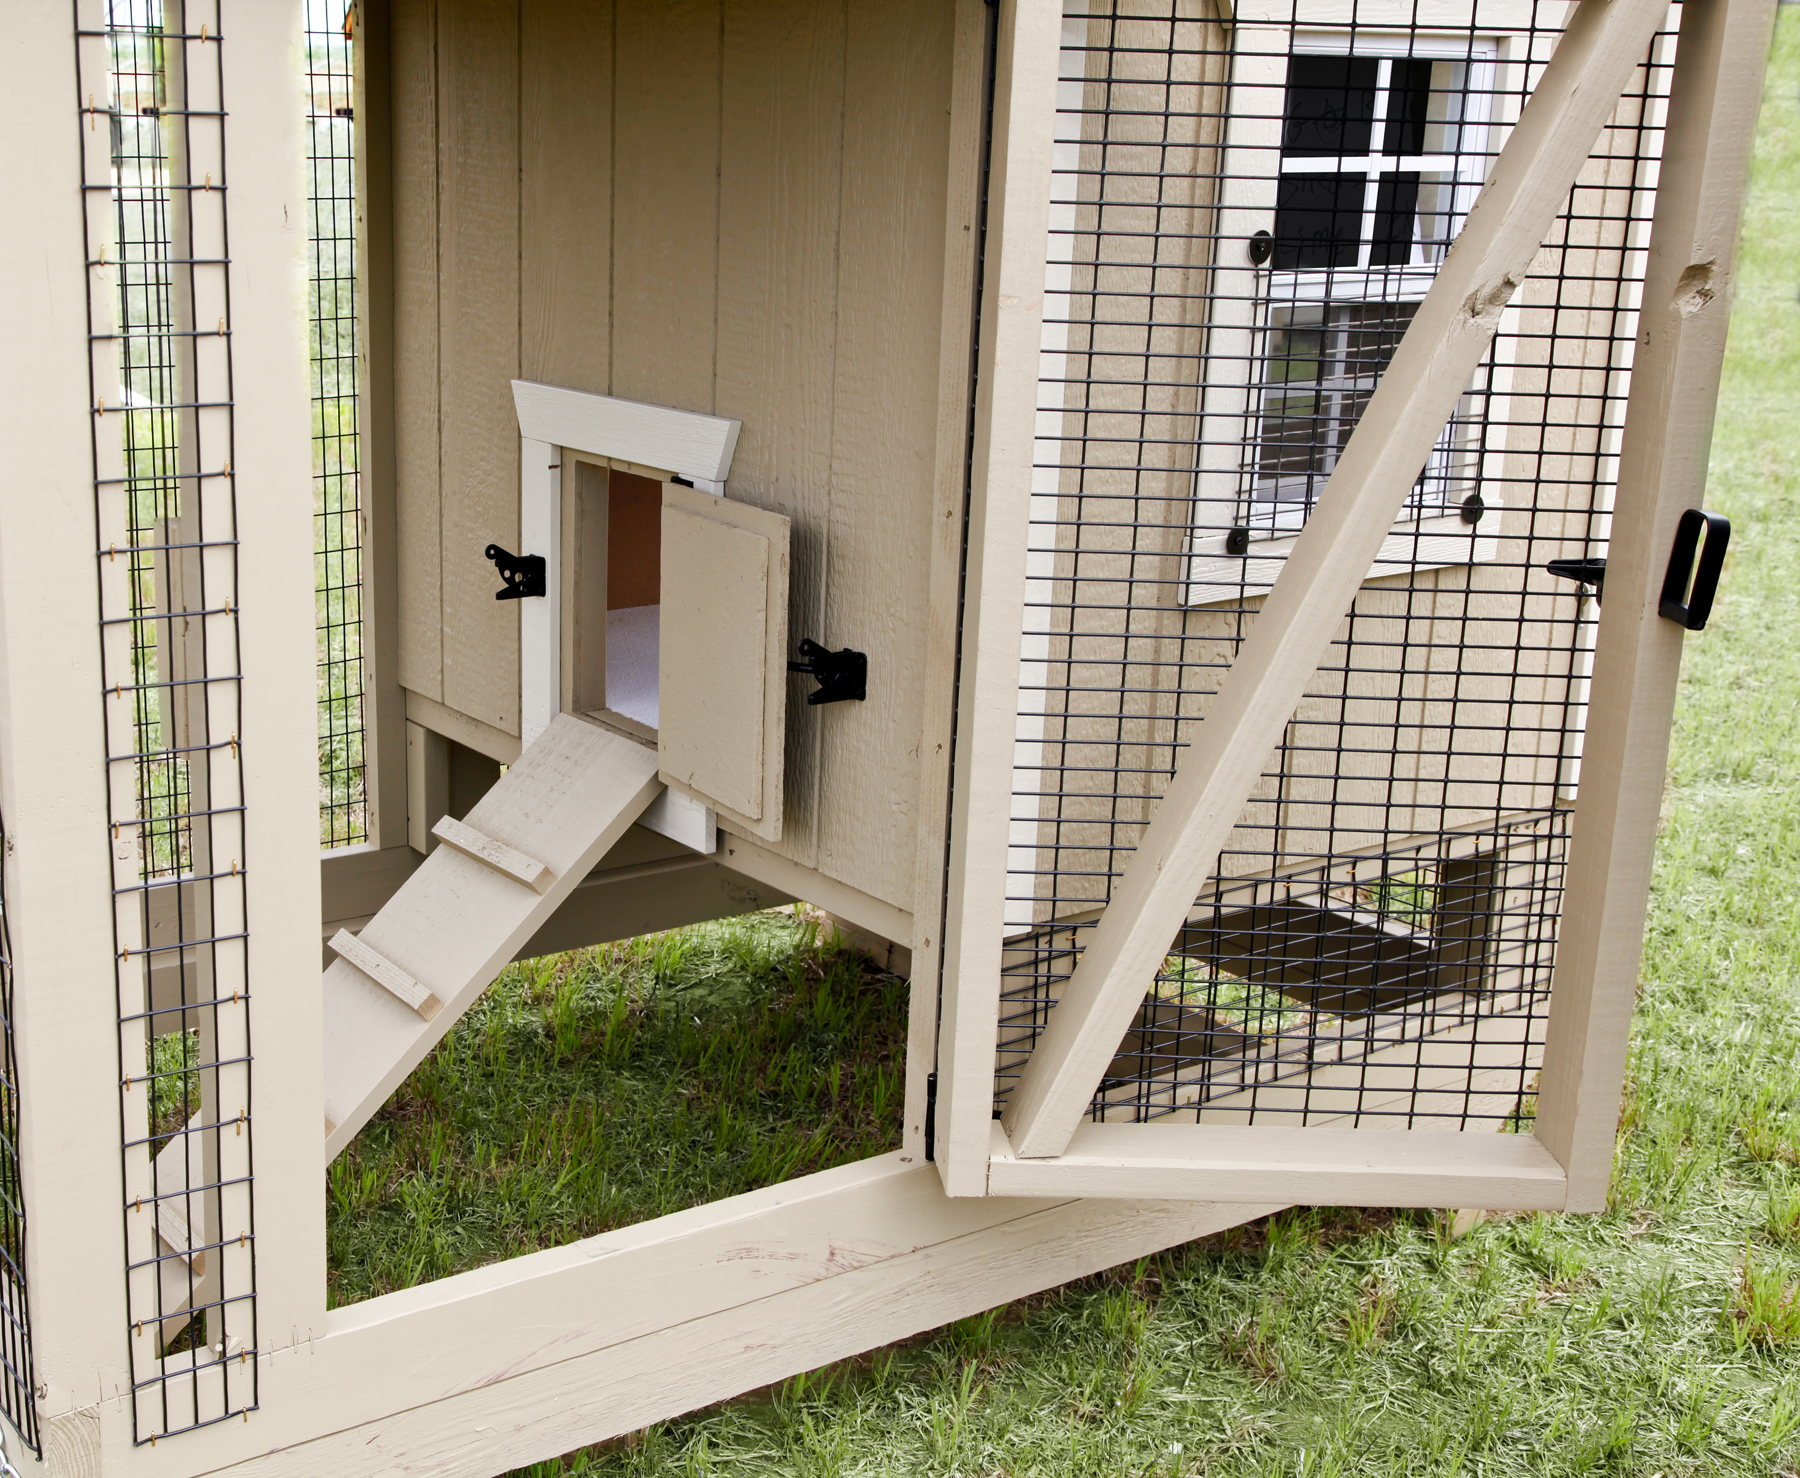 Inside a Backyard Chicken Coop